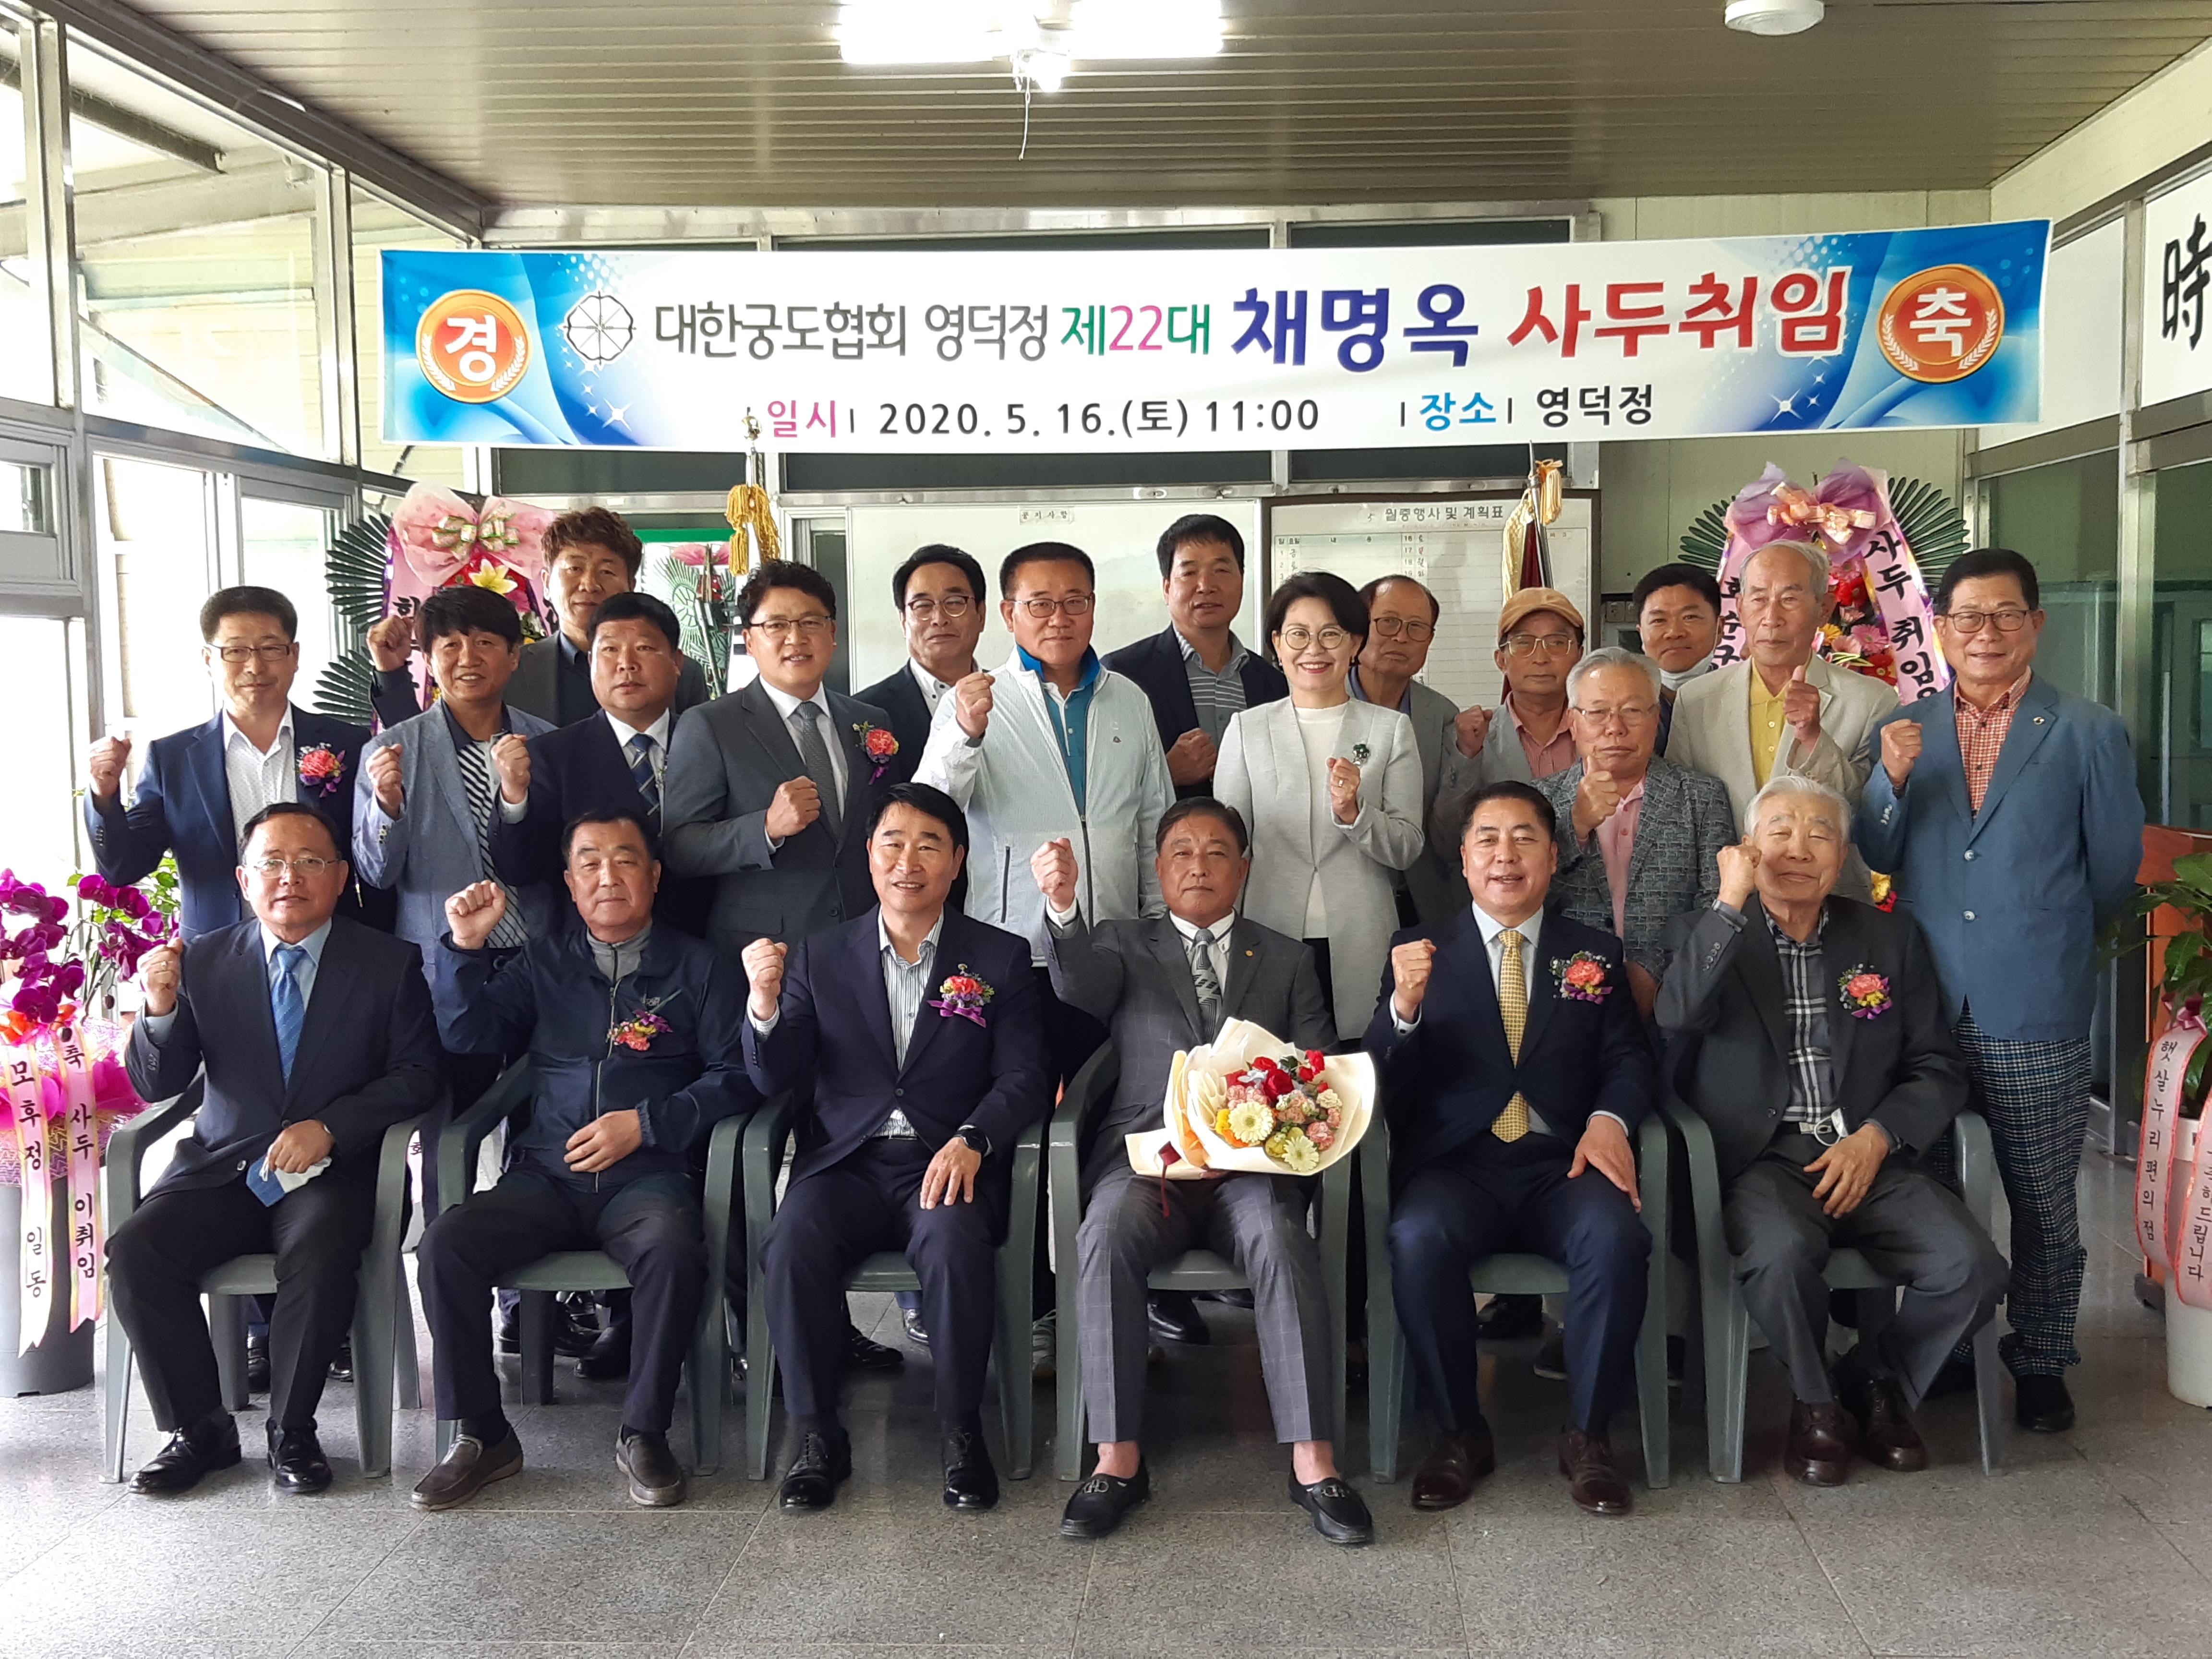 대한궁도협회 제22대 영덕정 채명옥 사두 취임식